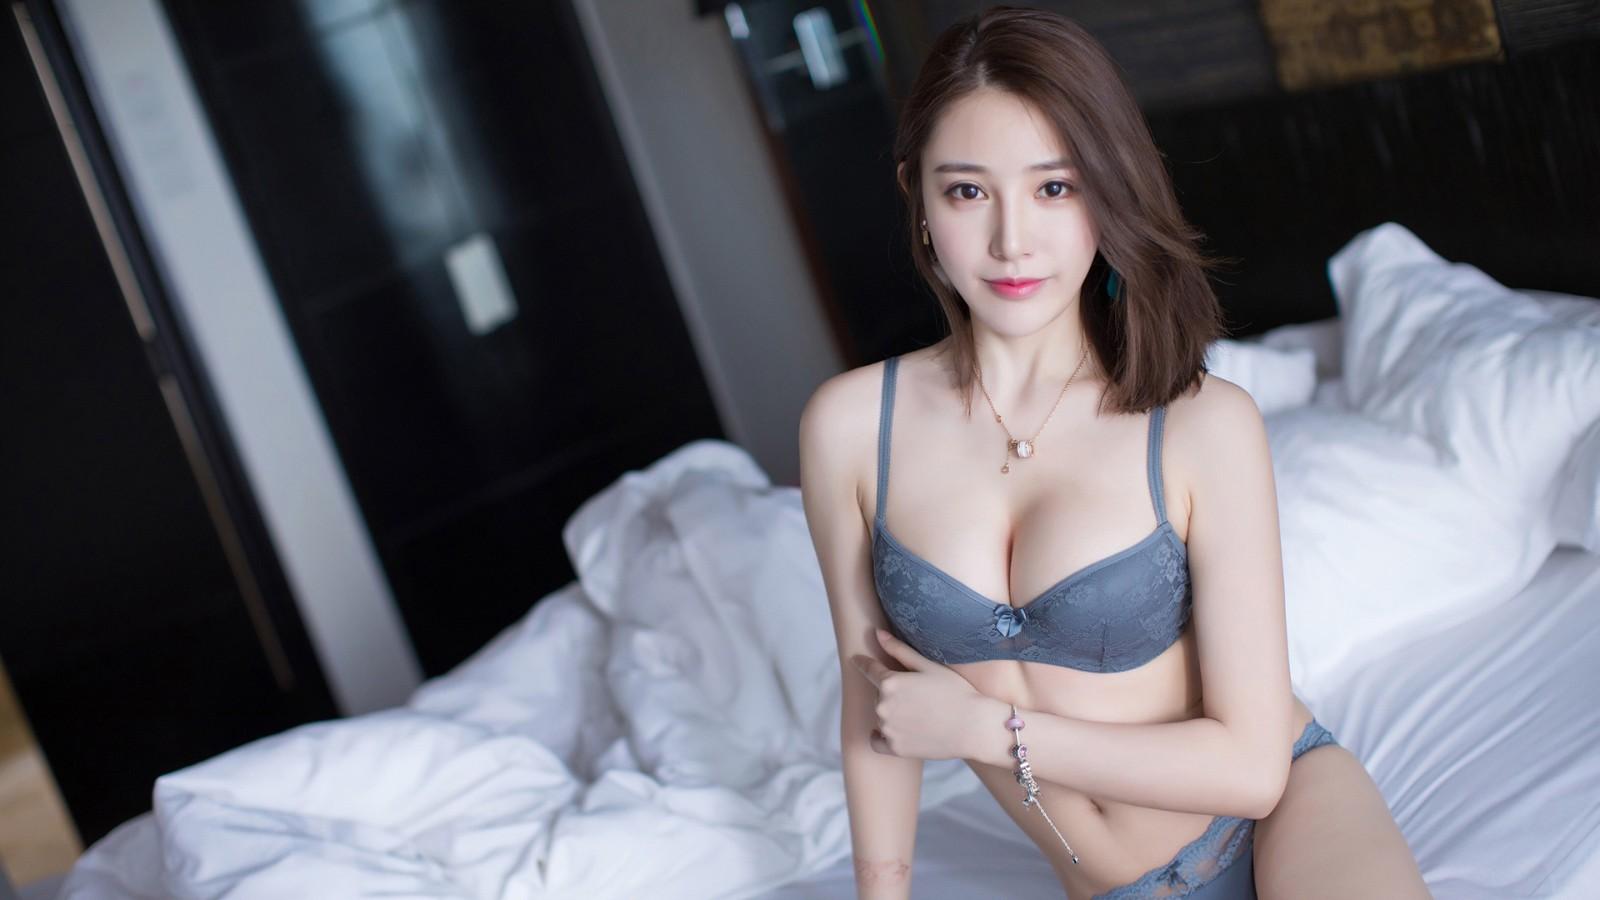 刘奕宁Lynn 性感文胸美女壁纸